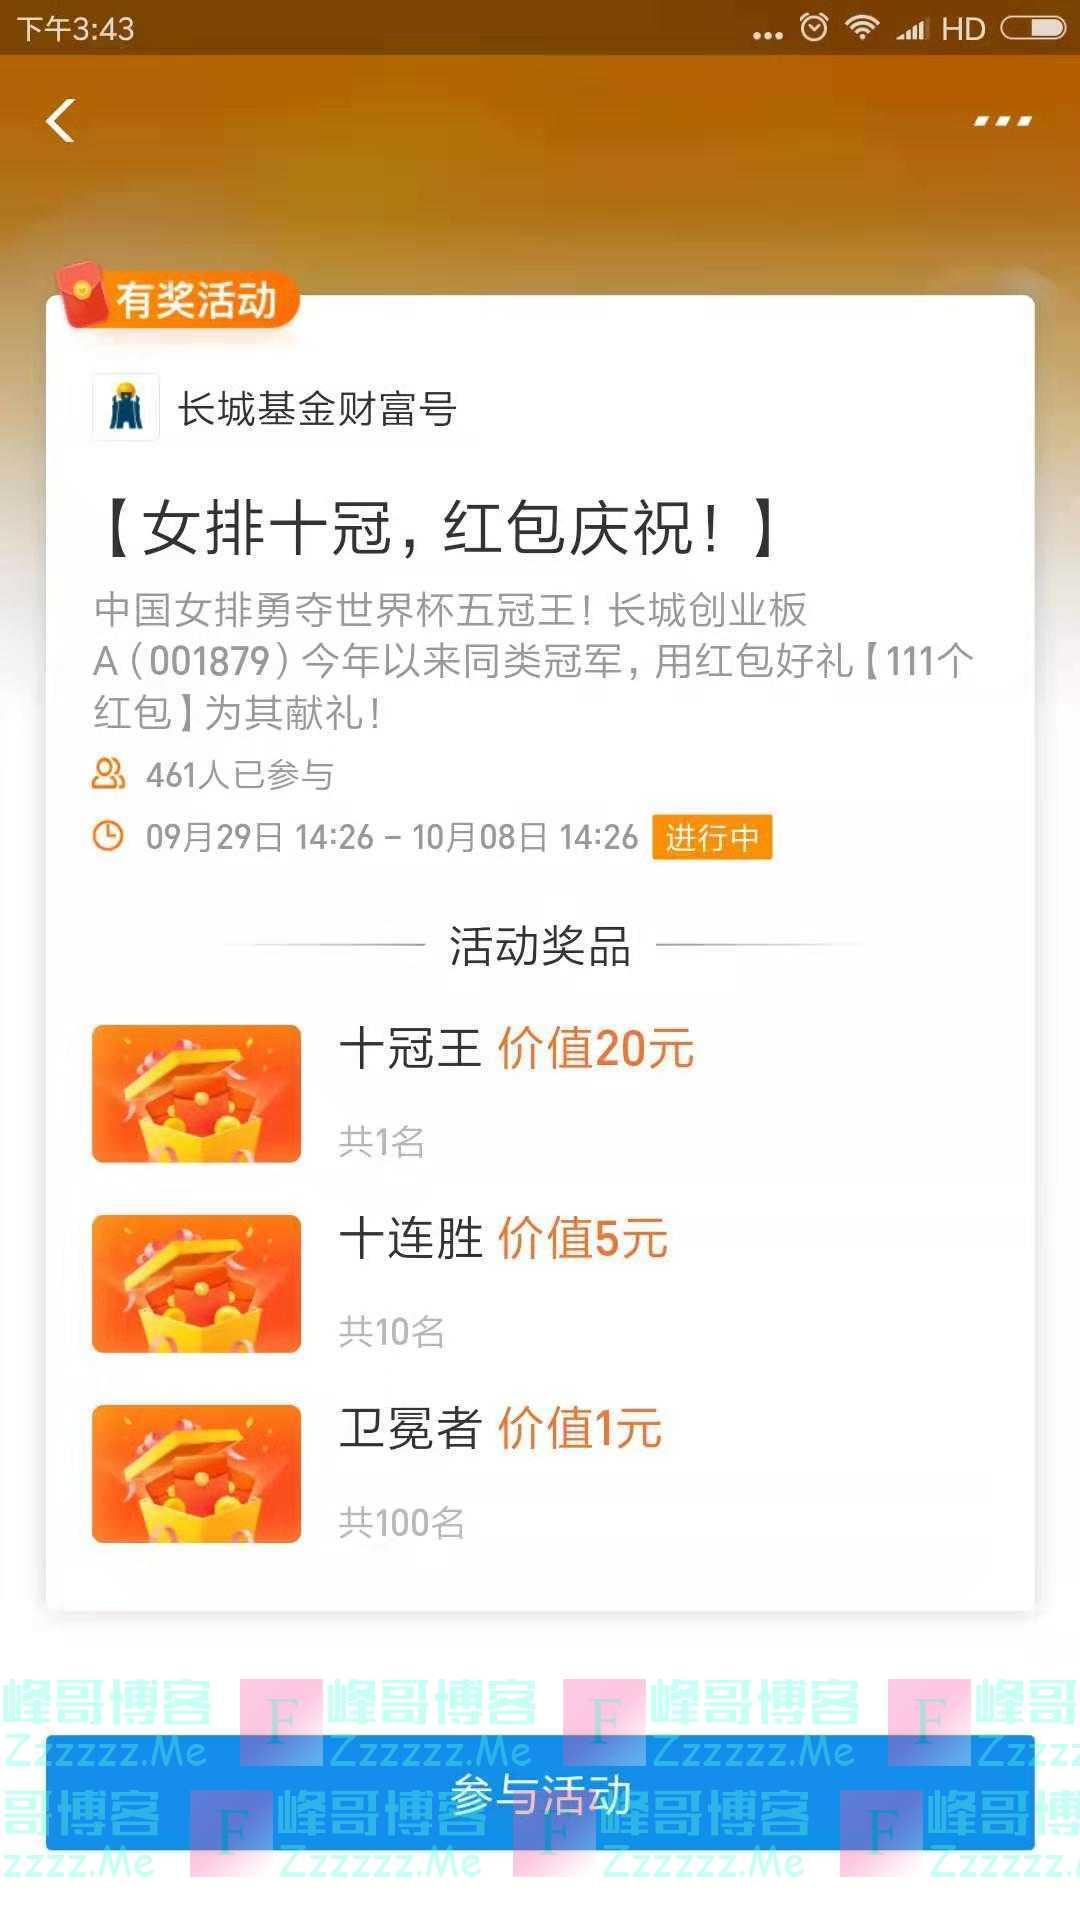 长城基金女排十冠 红包庆祝(截止10月8日)